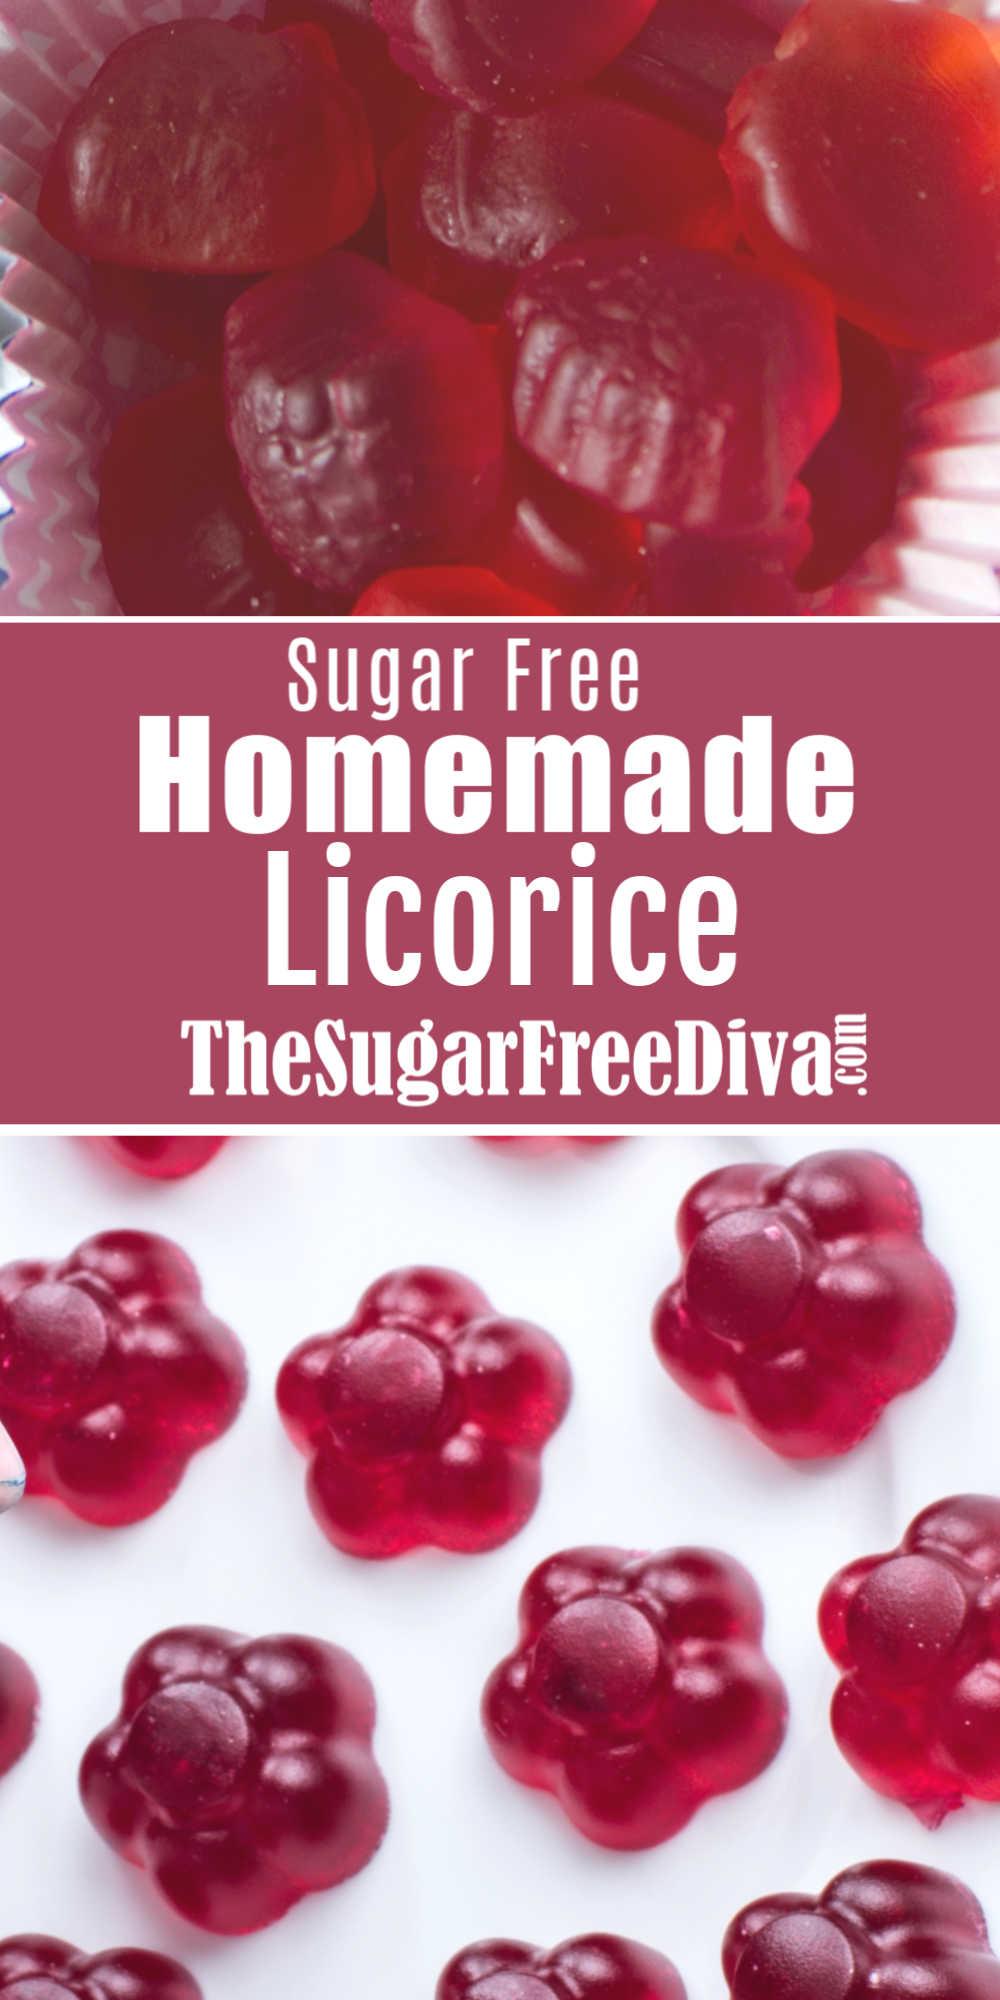 Sugar Free Homemade Licorice